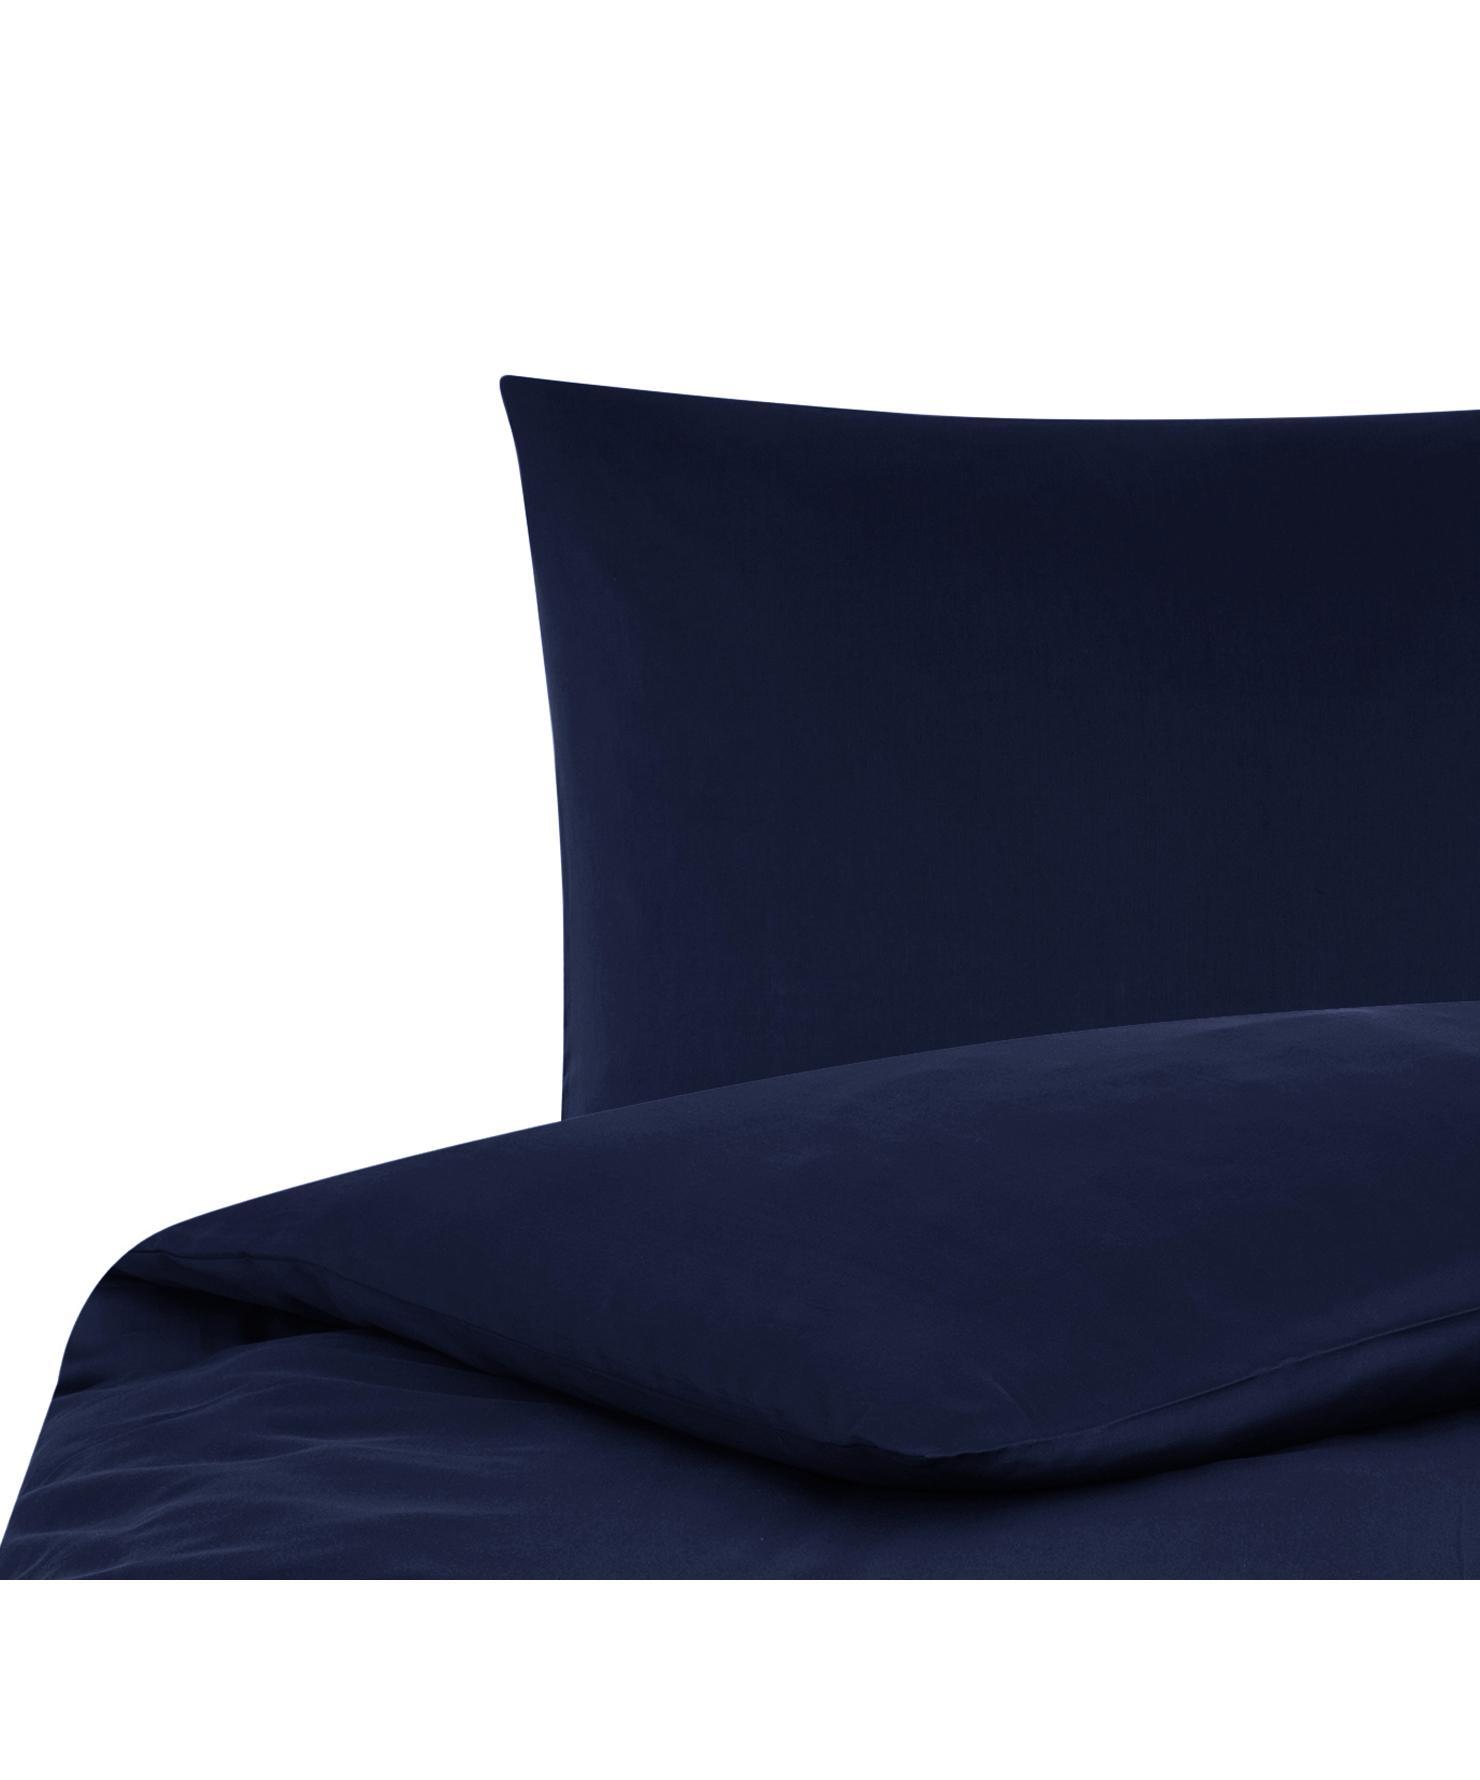 Pościel z satyny bawełnianej Comfort, Ciemny niebieski, 155 x 220 cm